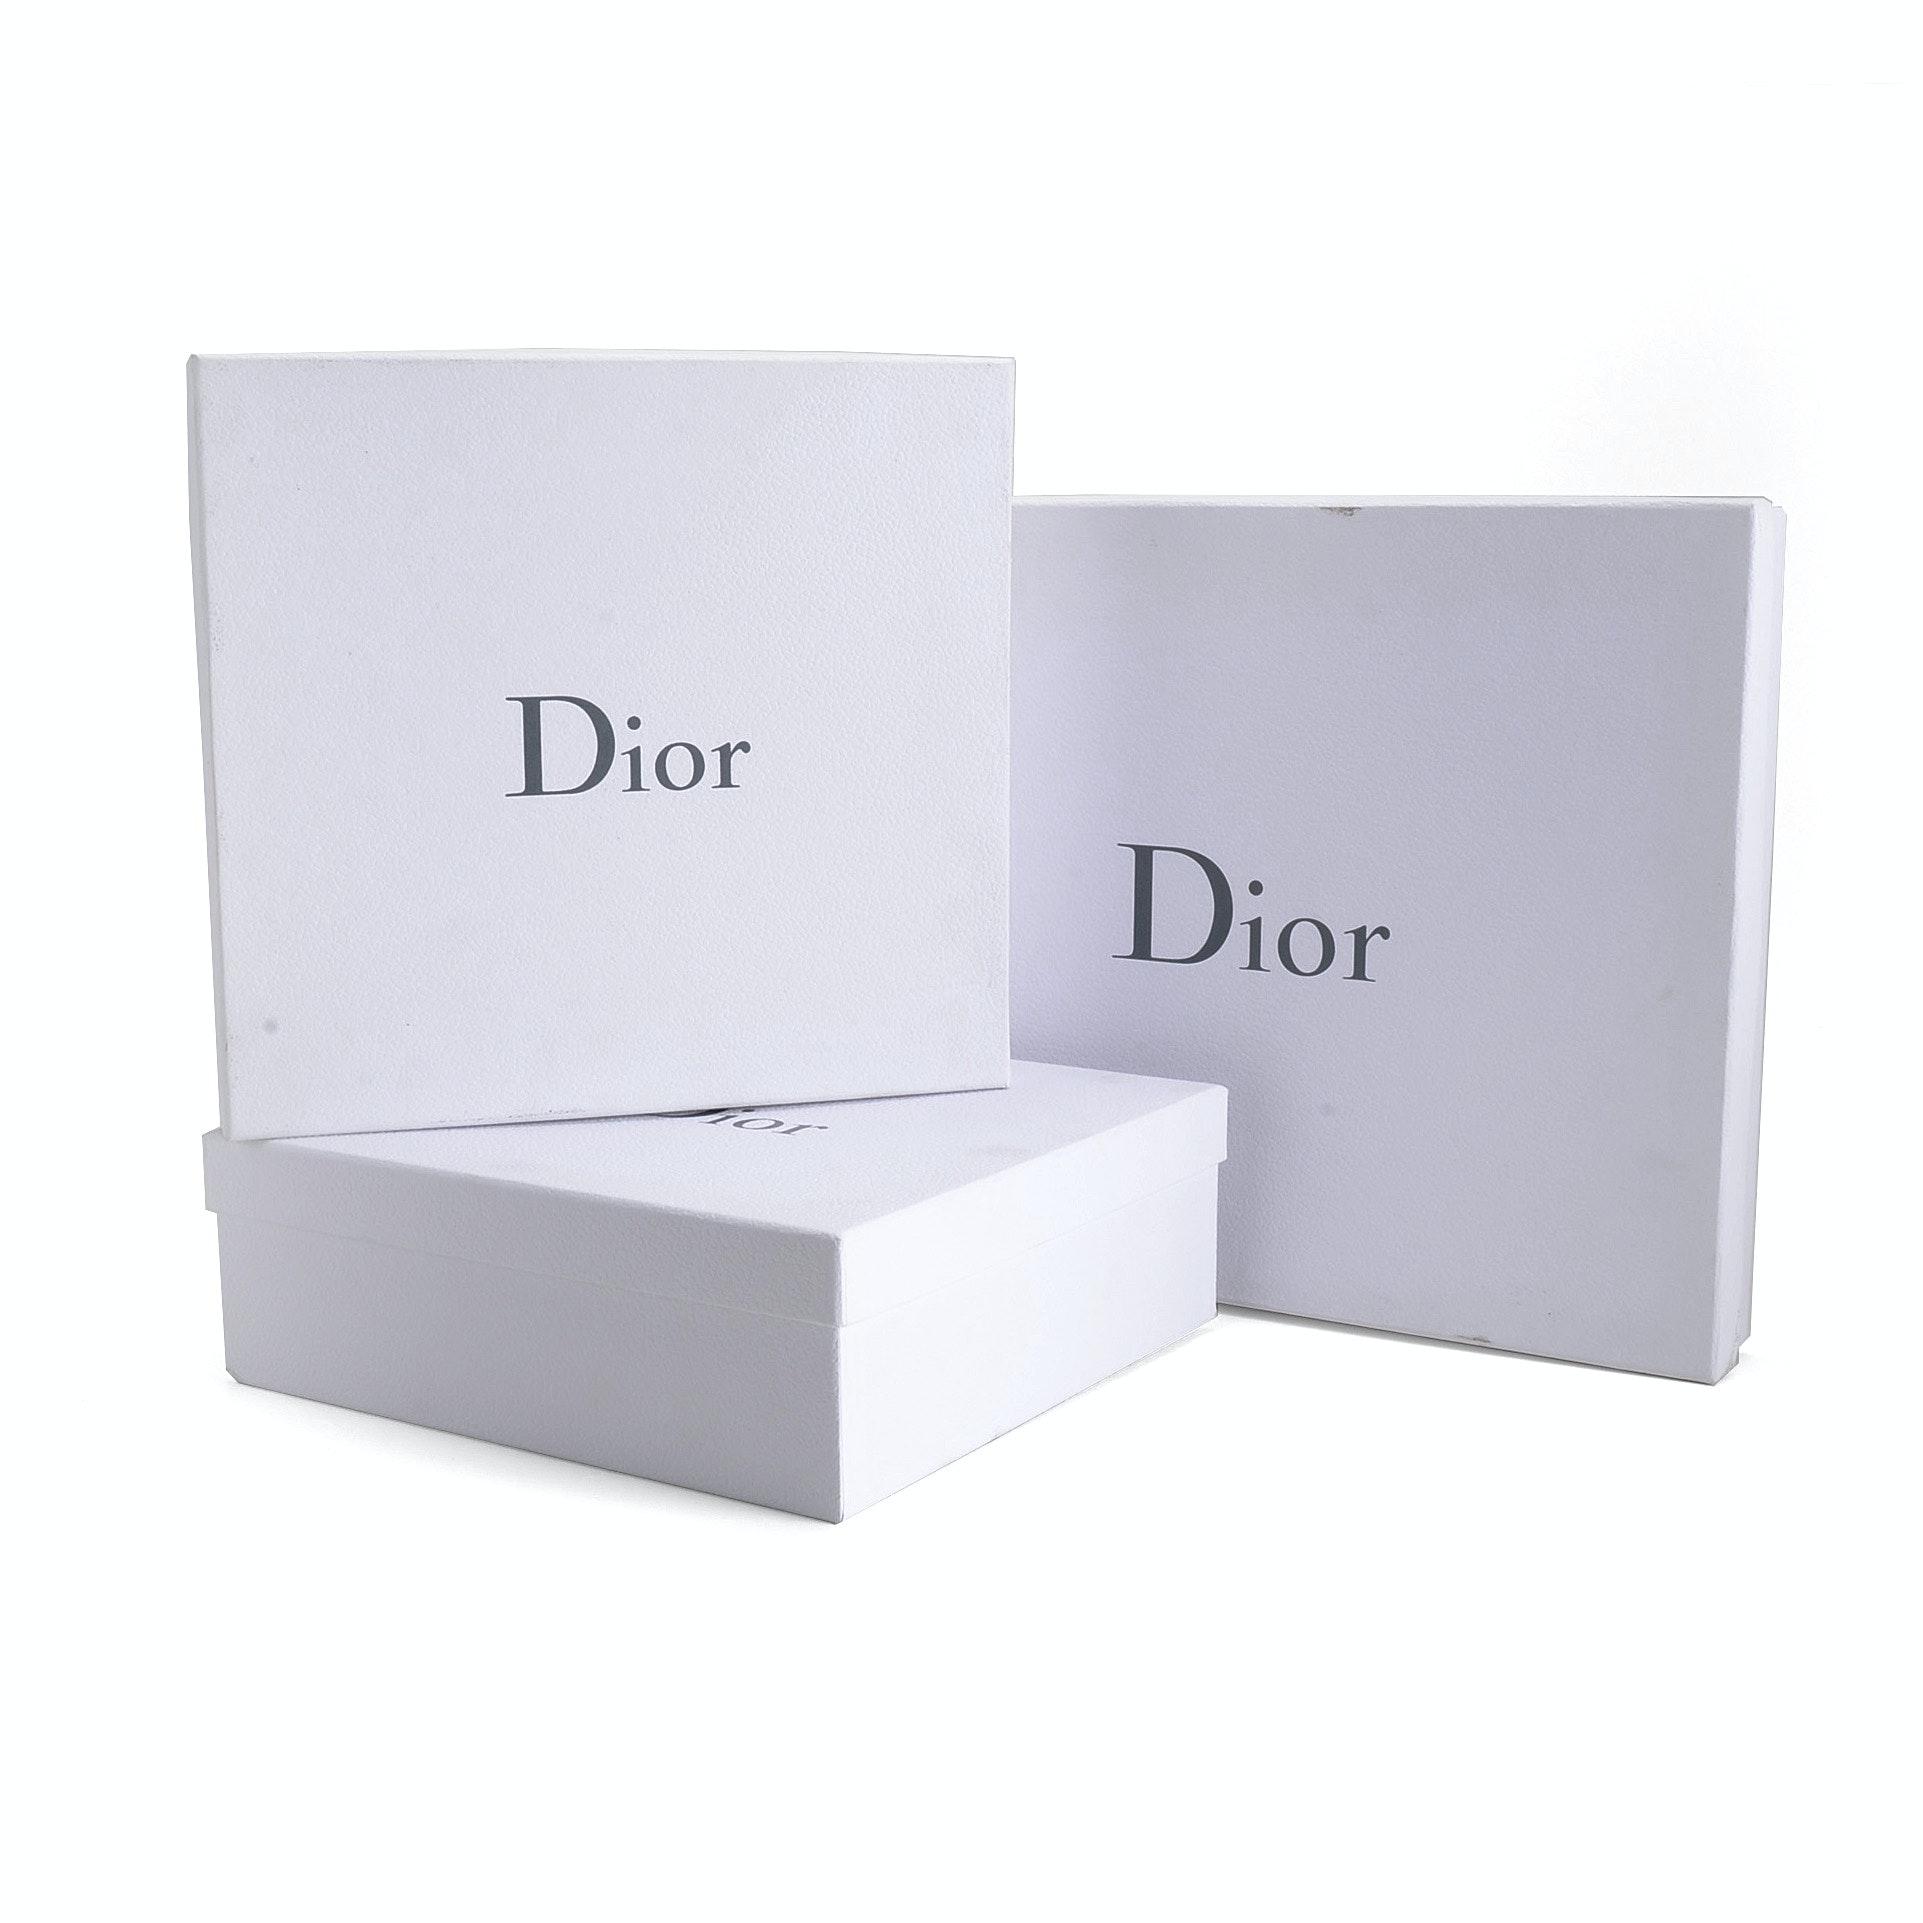 White Dior Gift Boxes